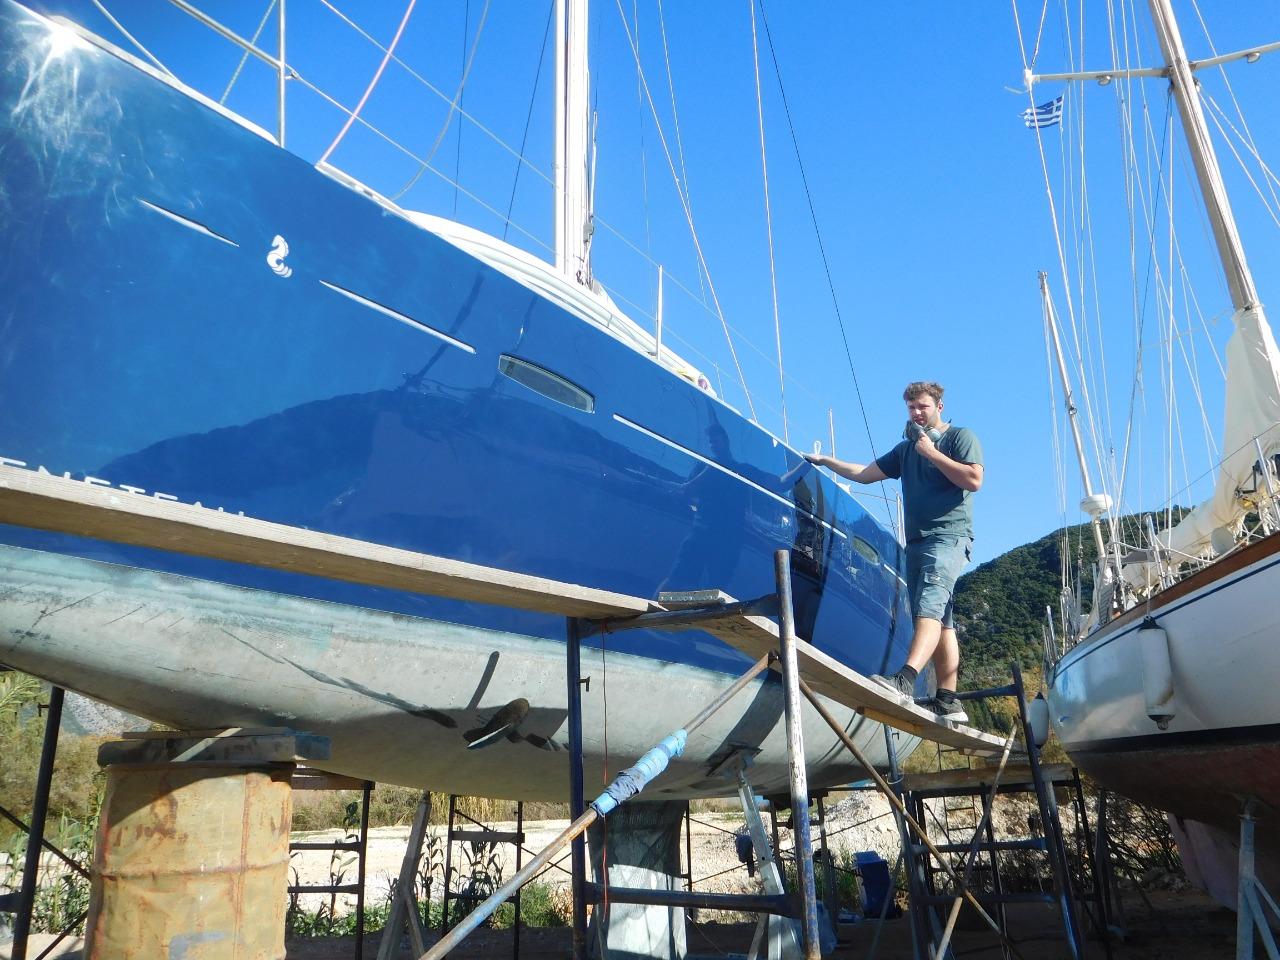 hull works